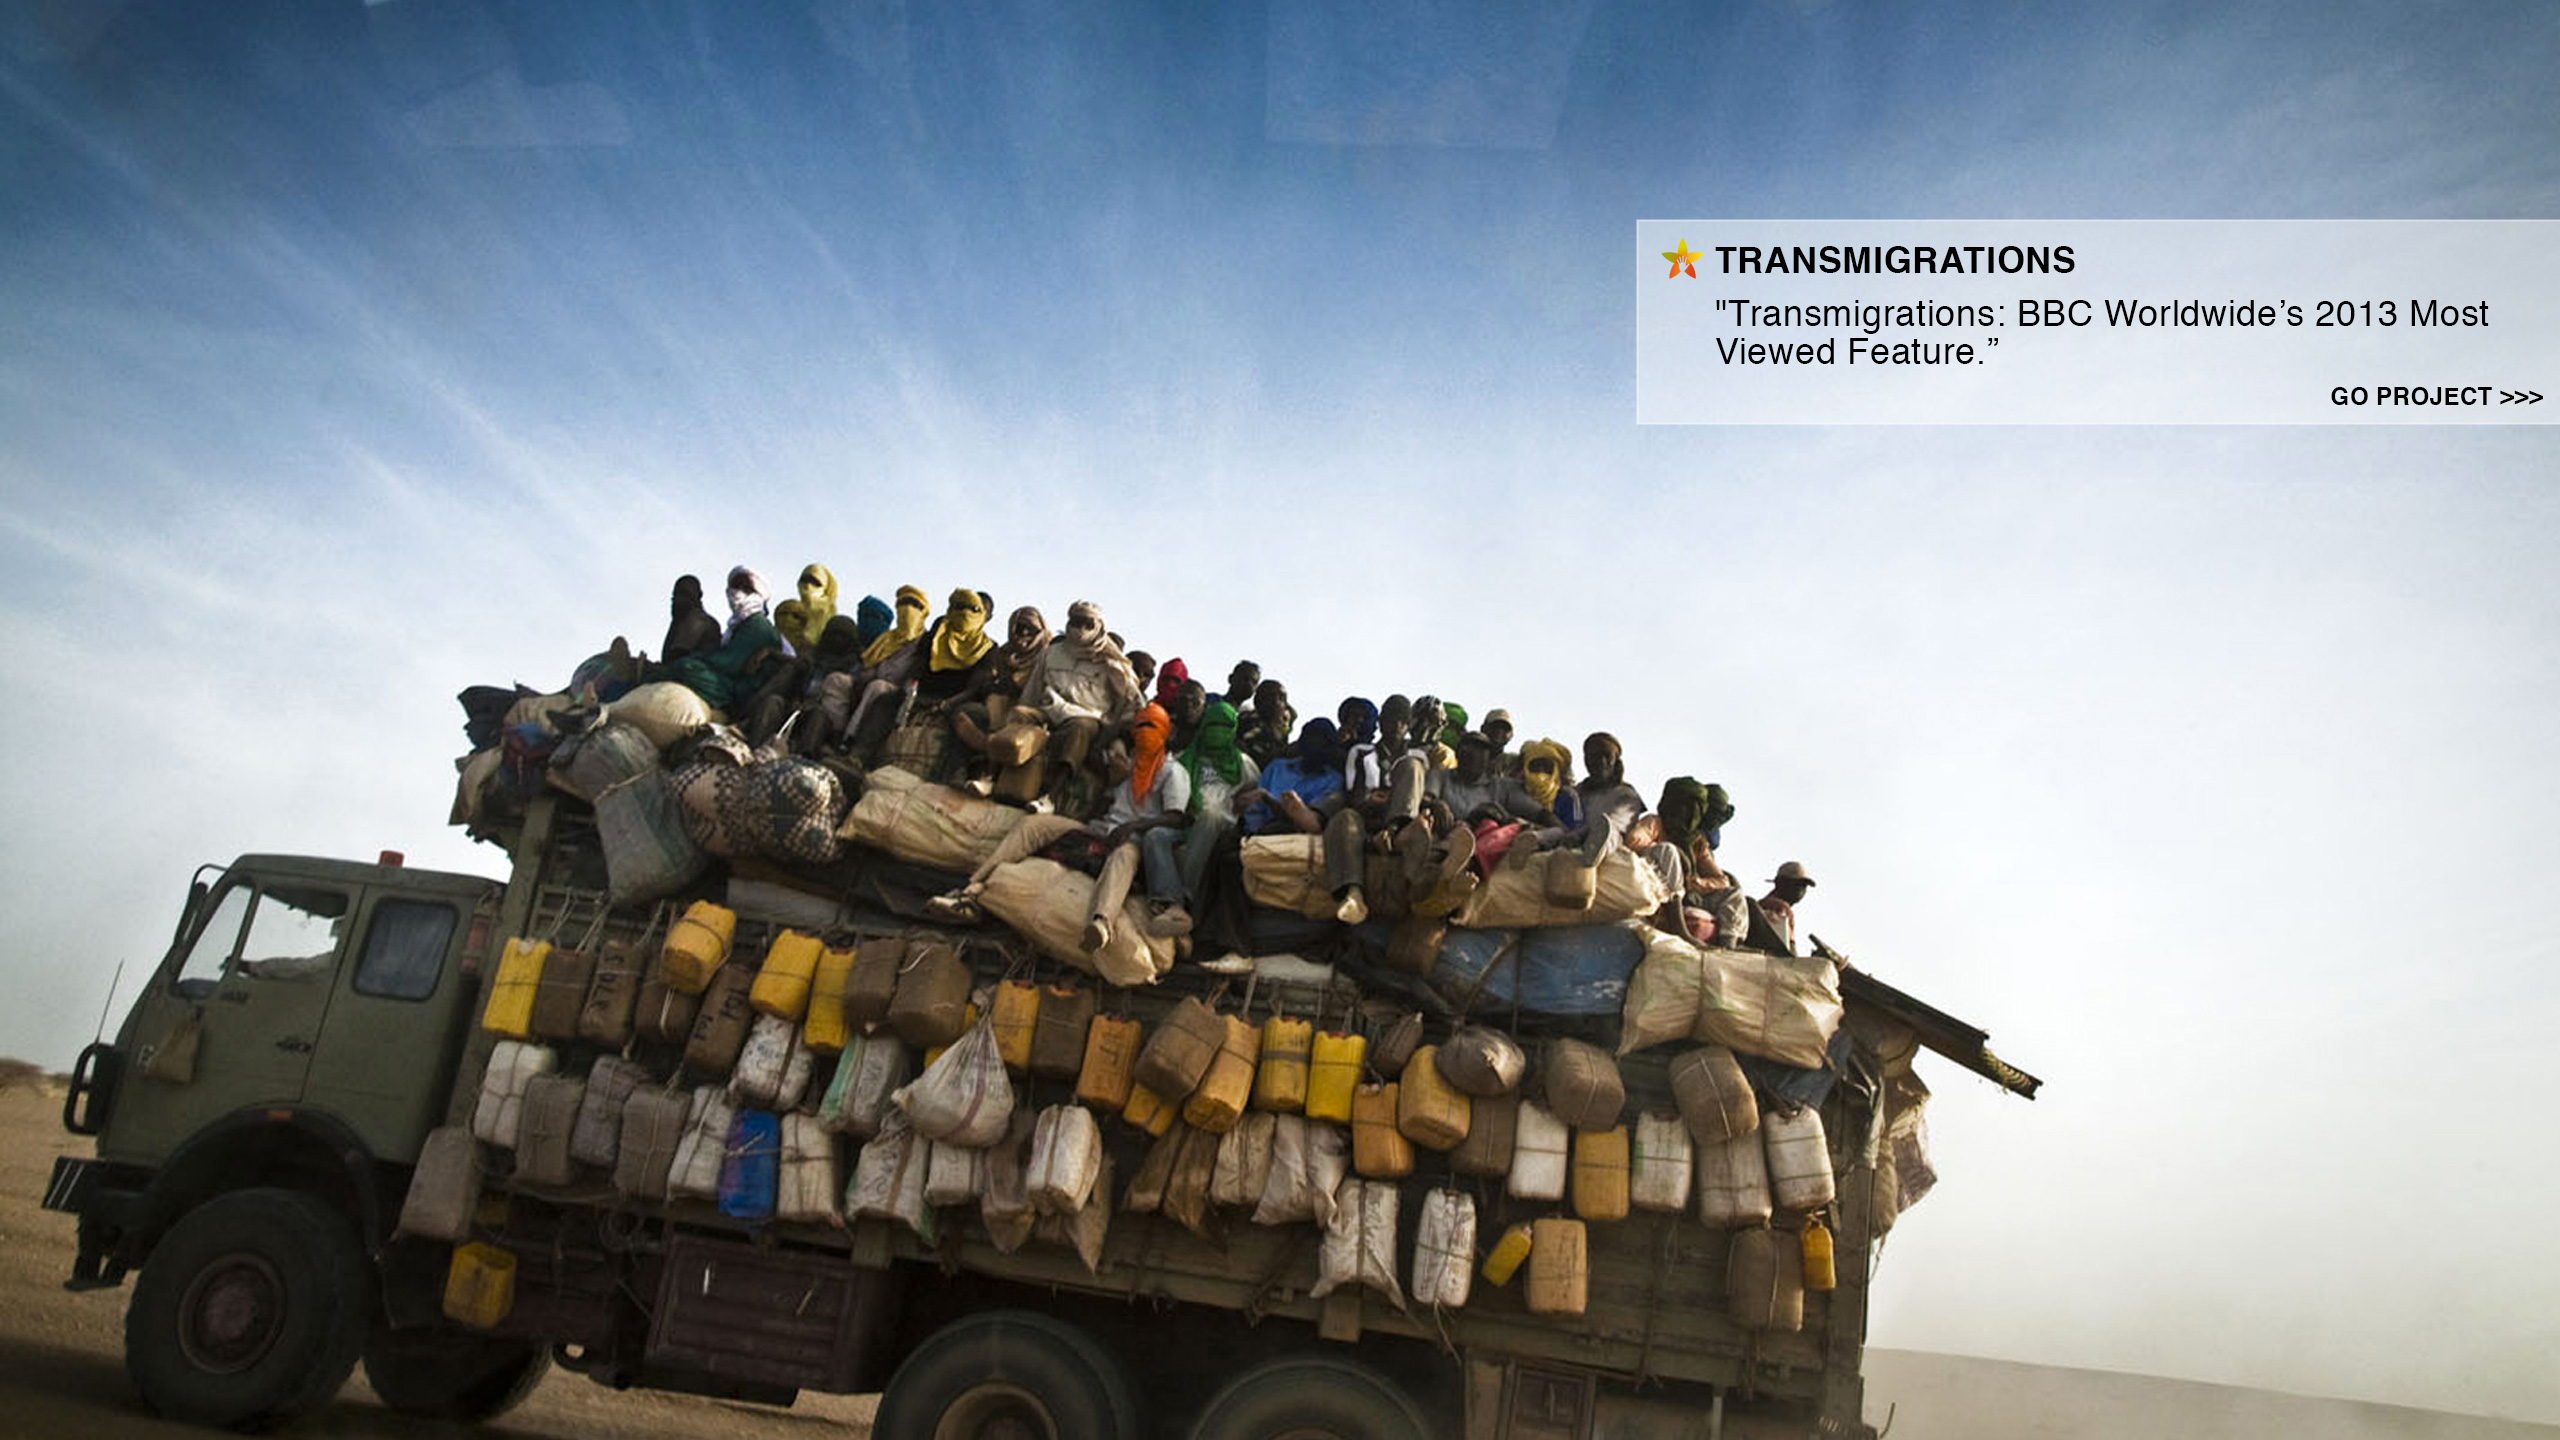 TransmigrationG